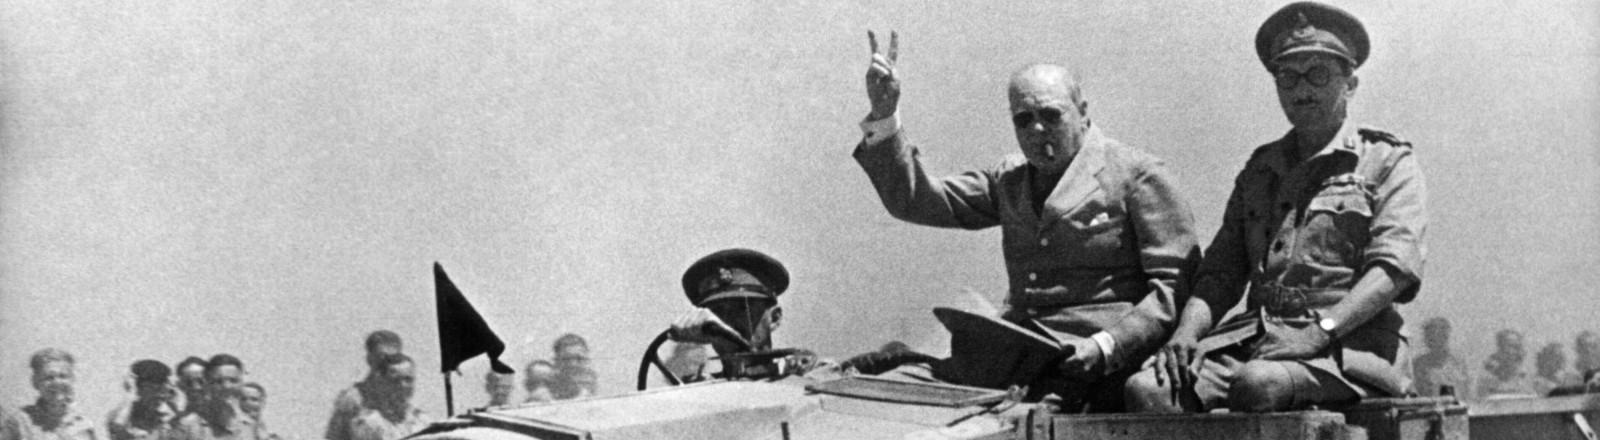 Winston Churchill zeigt das Peace-Zeichen bei einem Besuch in Afrika während des zweiten Weltkrieges